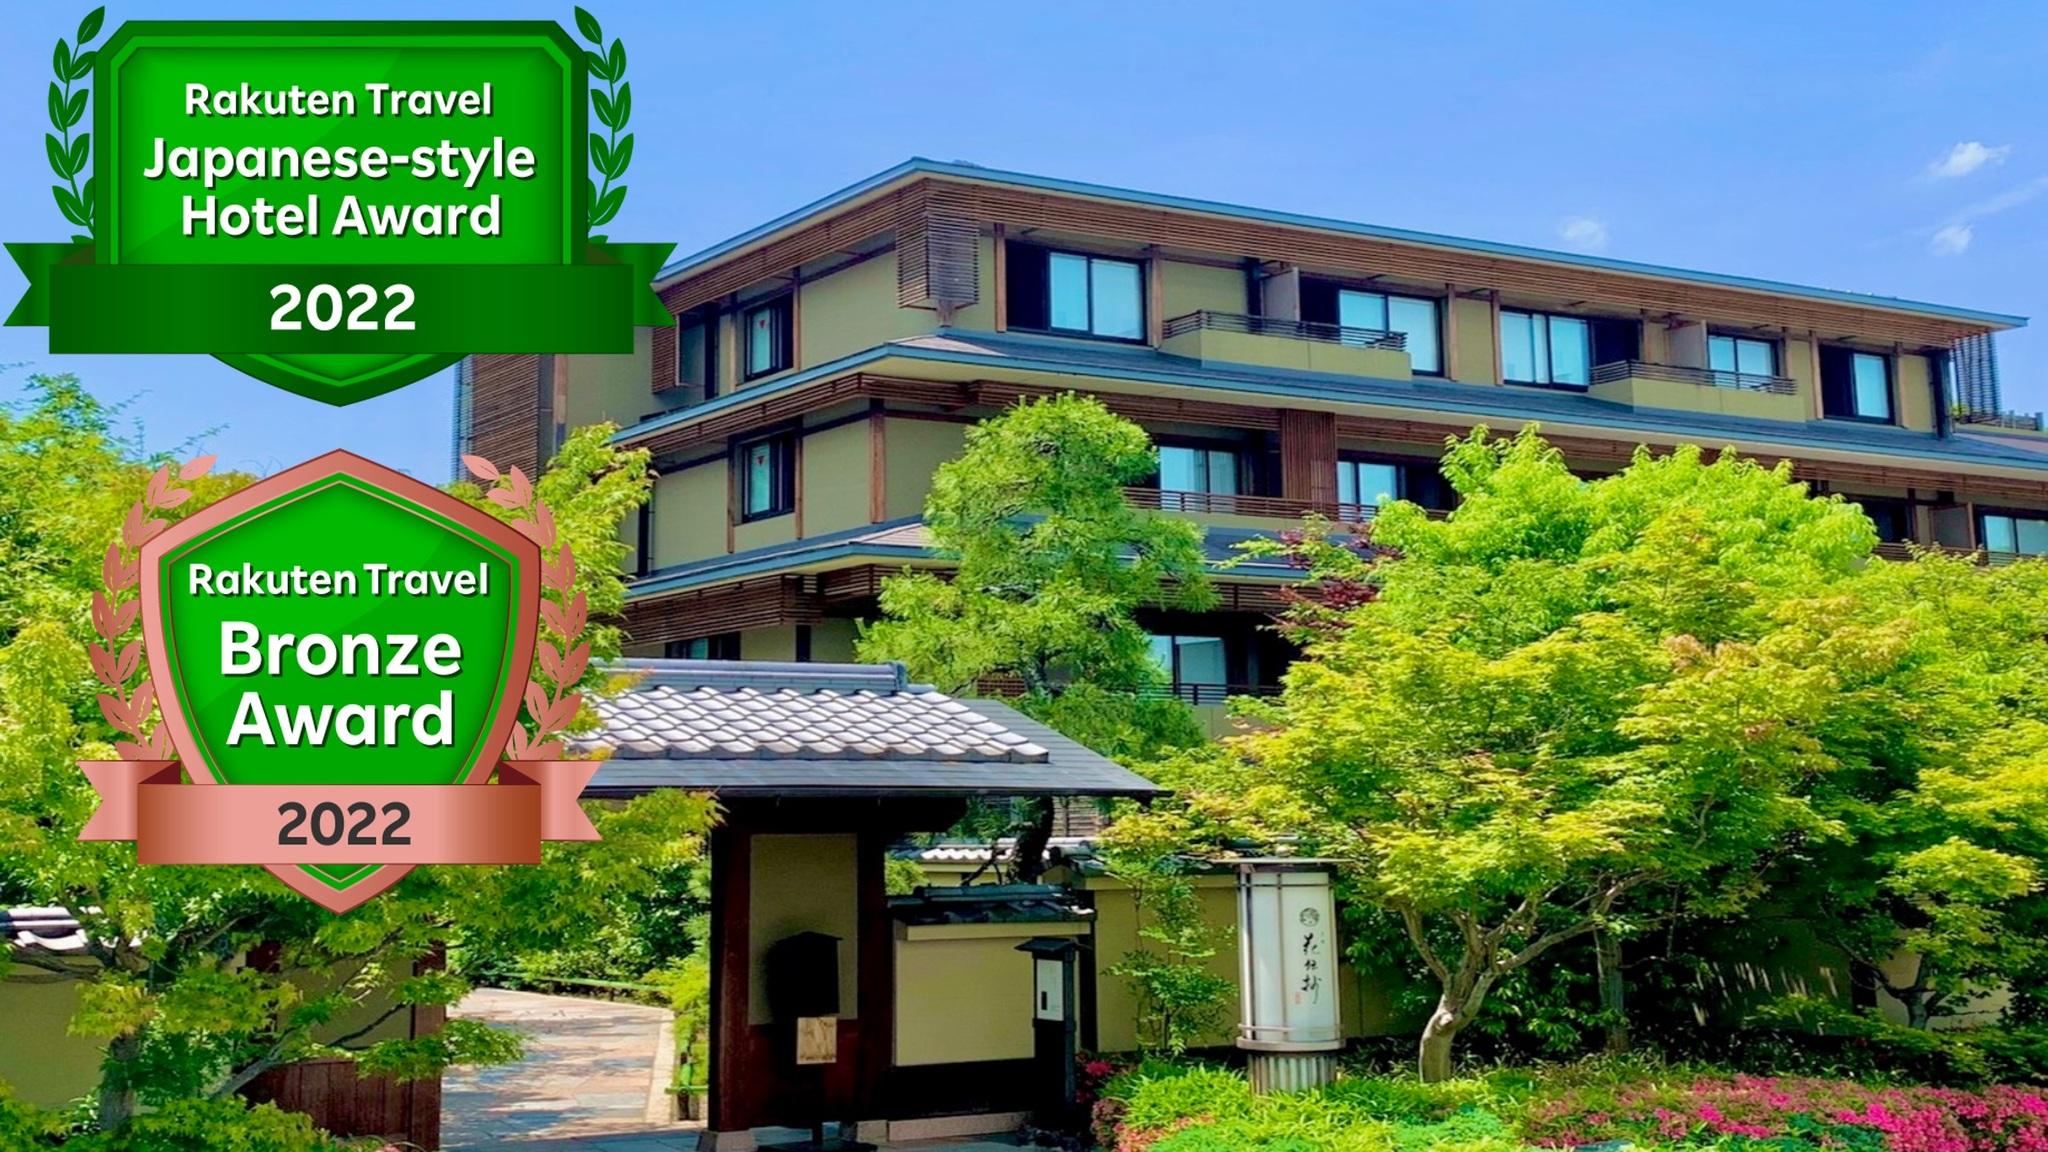 海外から来る友だちと京都観光と合わせて温泉宿で1泊2日の旅